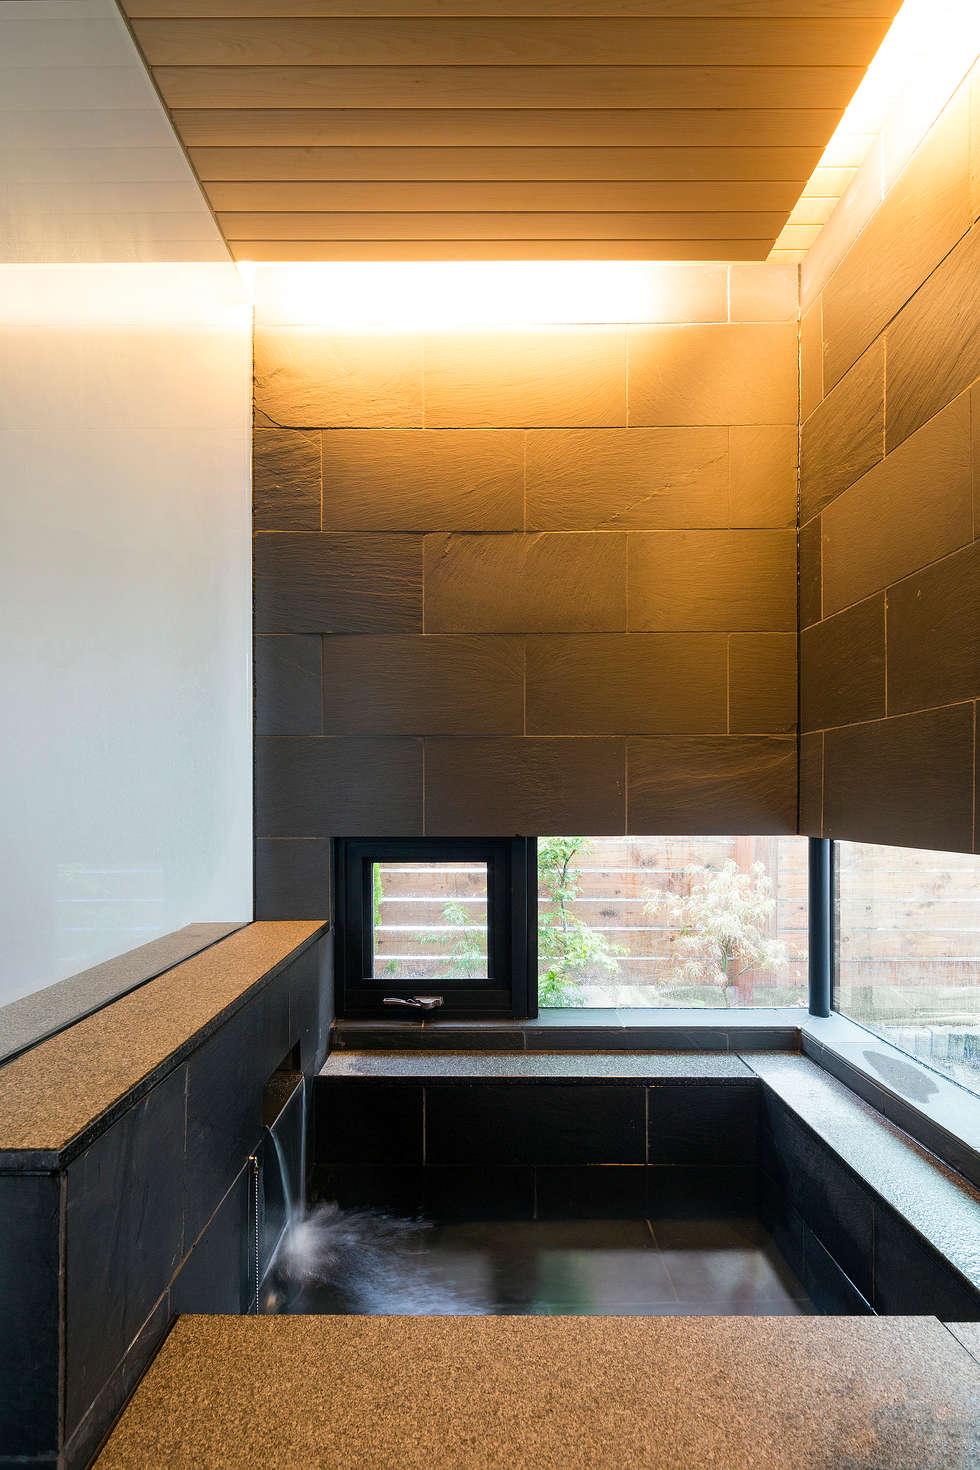 浴室-1: 一級建築士事務所 Atelier Casaが手掛けた浴室です。